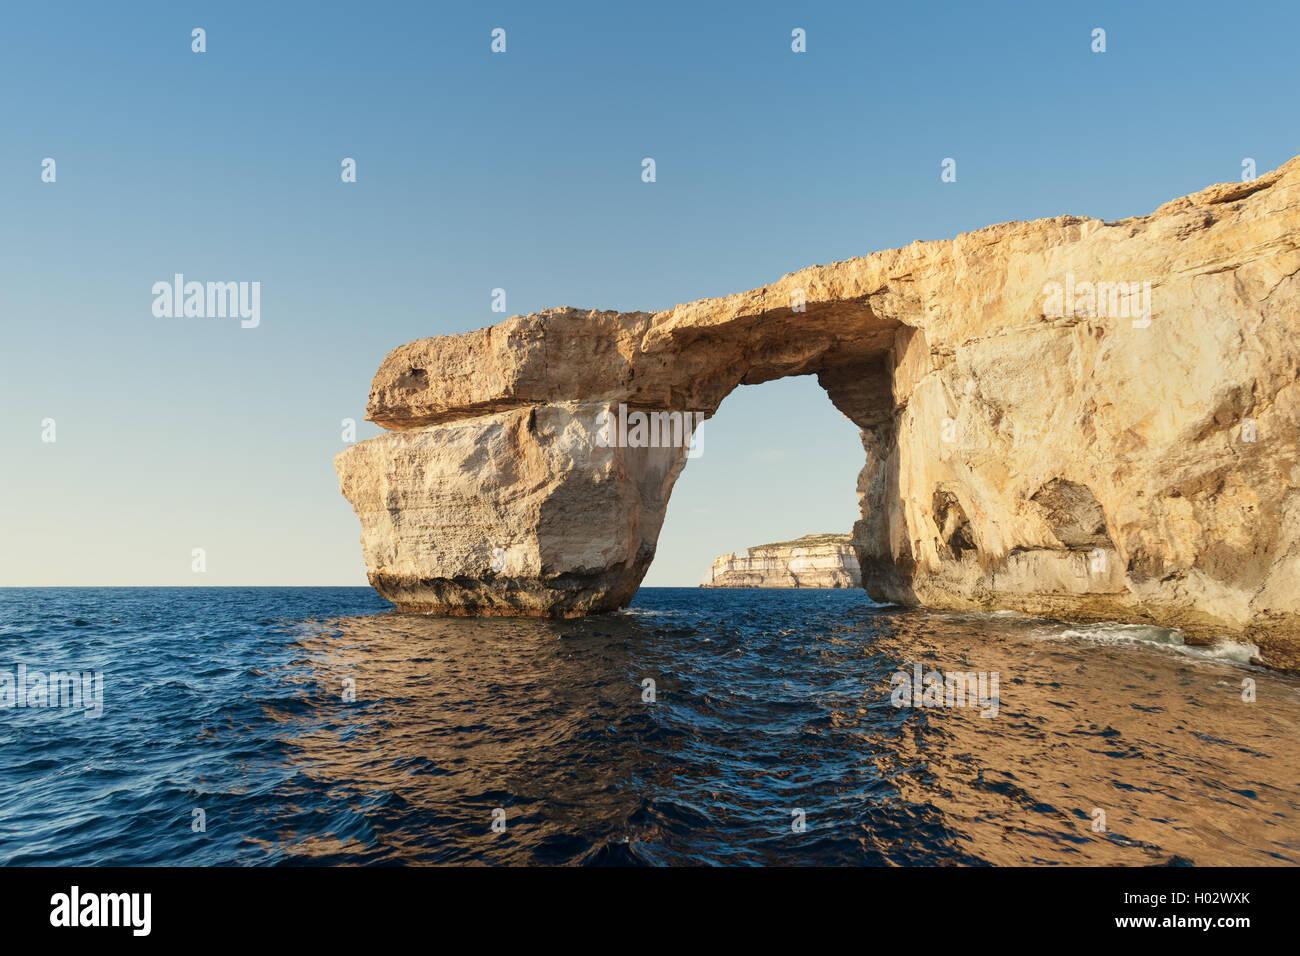 Azure Window, Kalkstein naturale auf Insel Gozo, Malta. Stockfoto